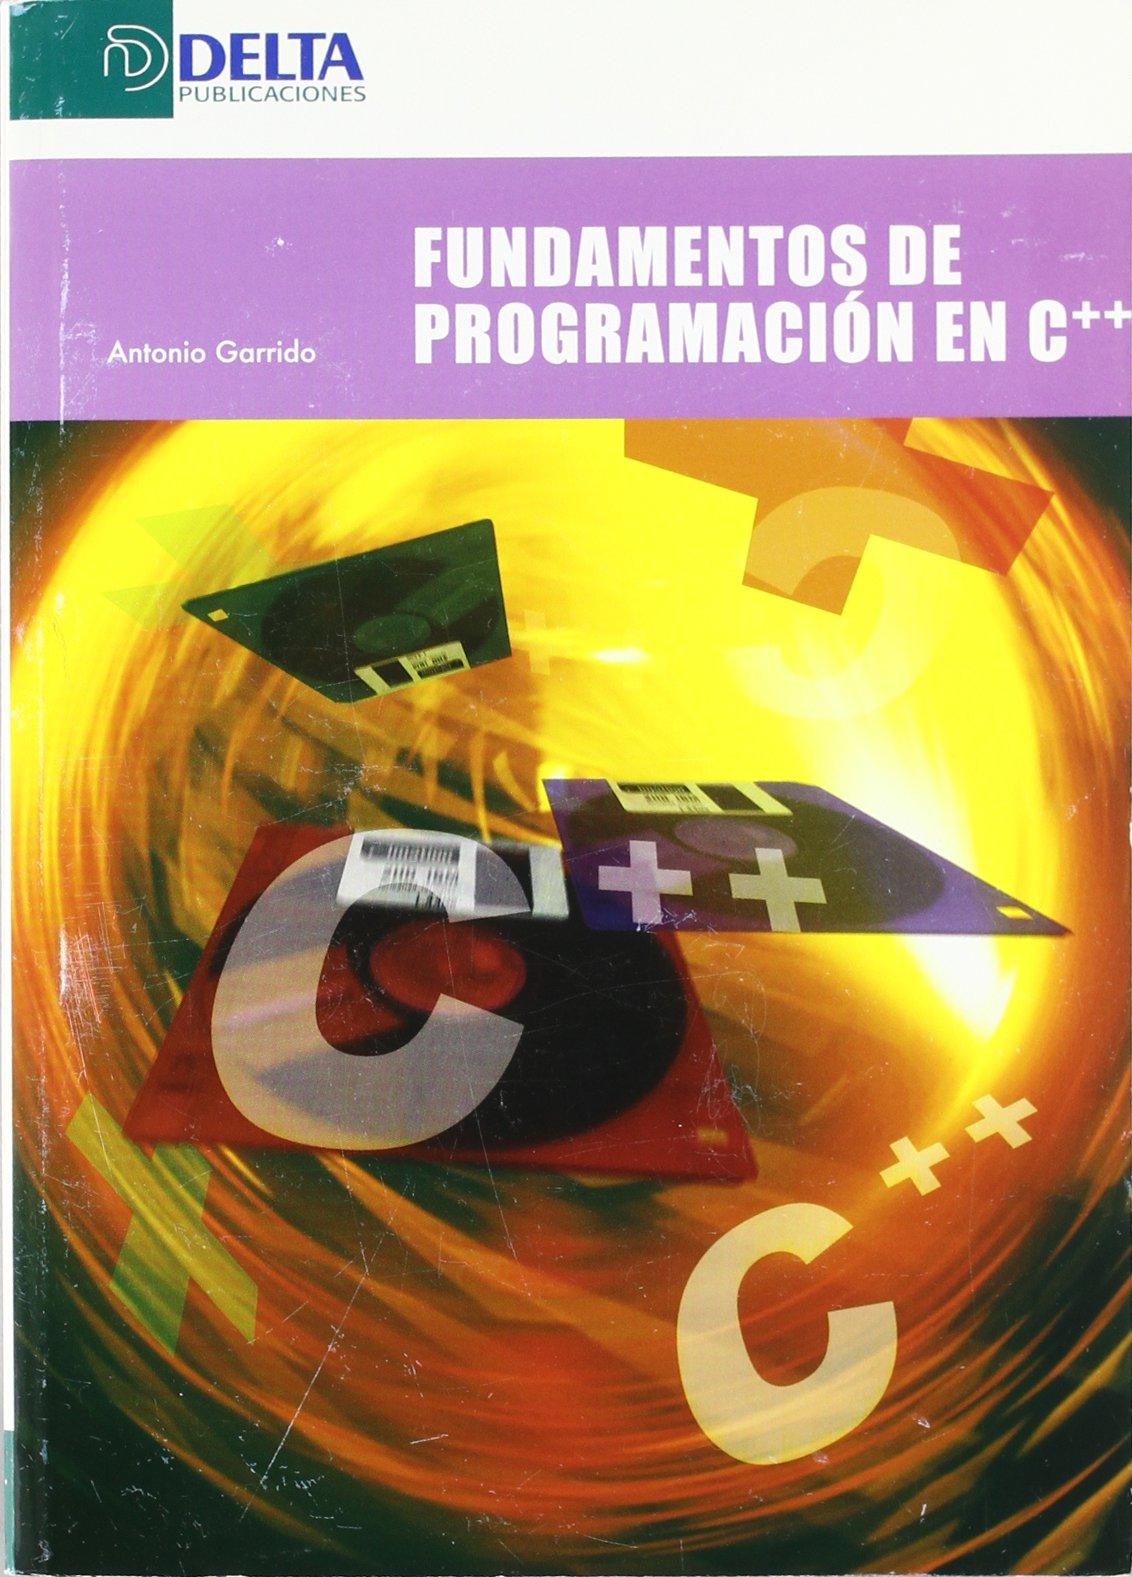 Fundamentos de programación en C++ Tapa blanda – 1 sep 2005 Antonio Garrido Carrillo Delta Publicaciones 8496477118 Operating systems